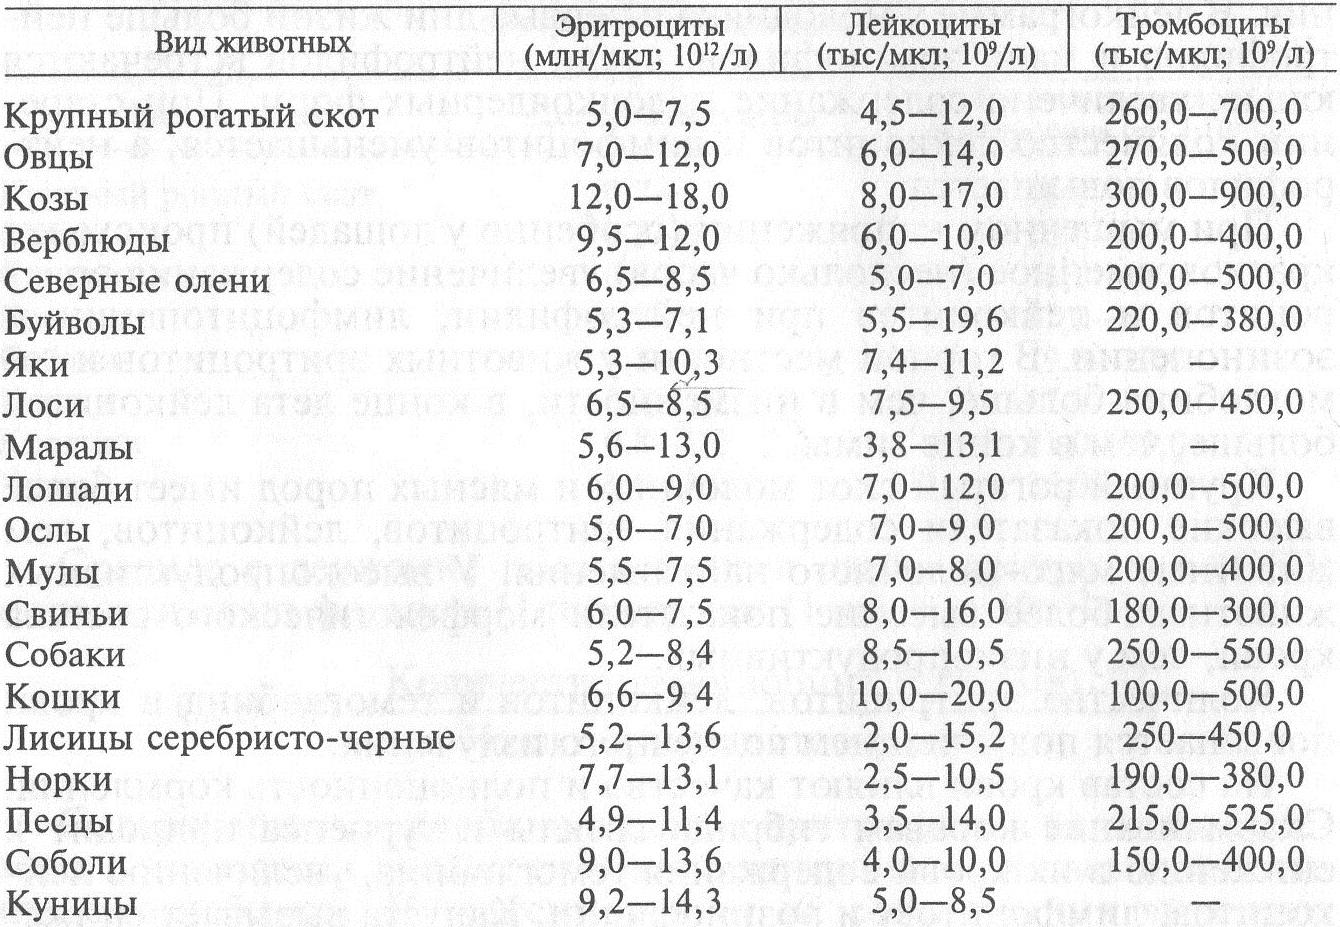 Анализ крови на тромбоциты. особенности проведения и о чем говорит повышение или понижение уровня тромбоцитов